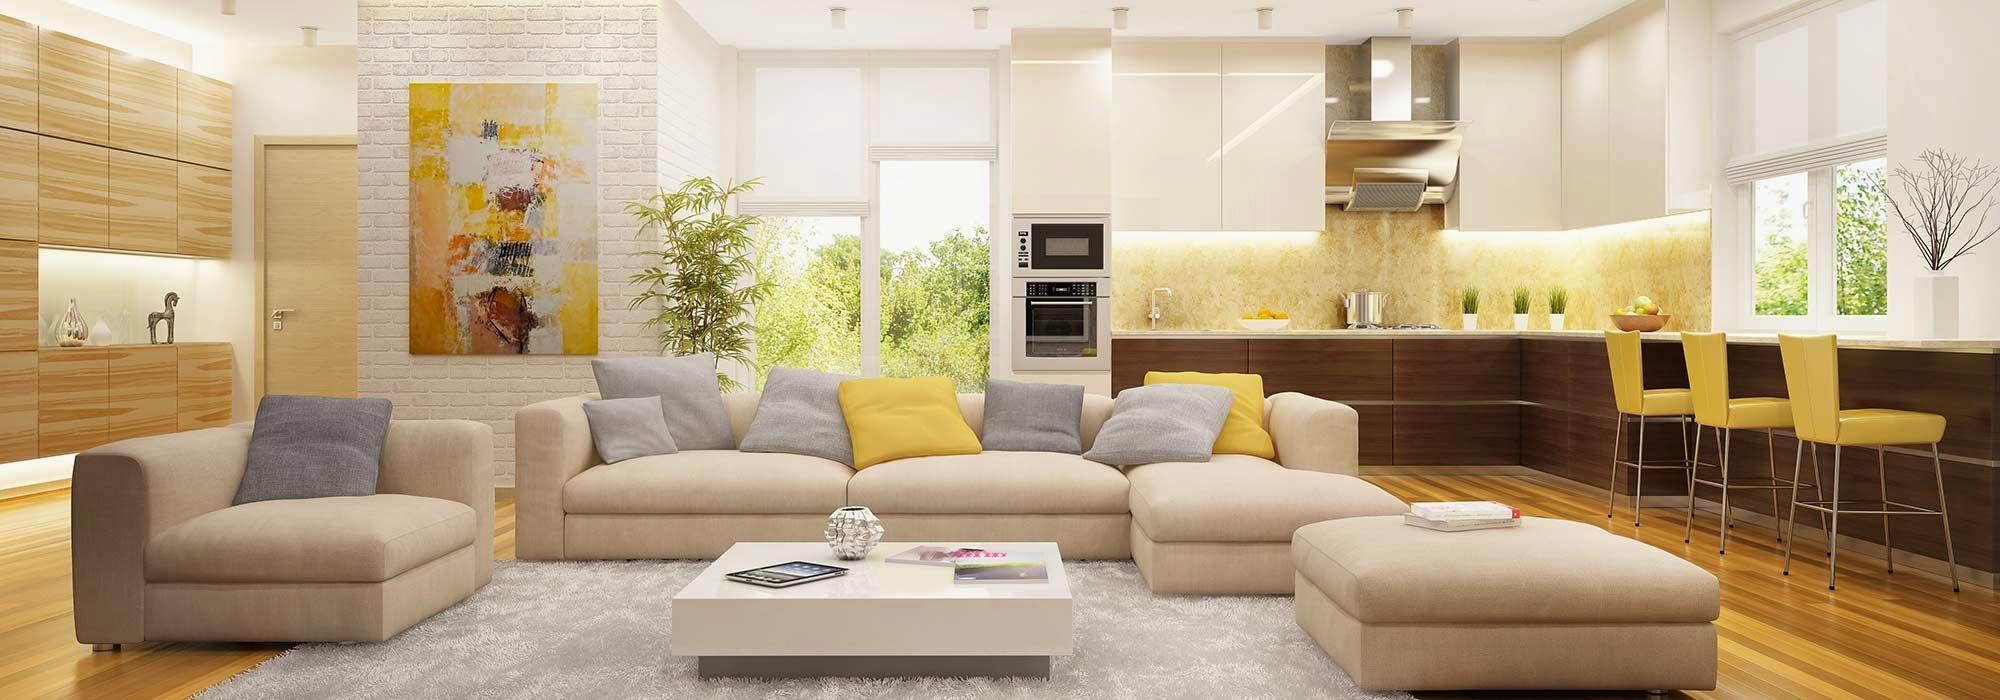 Slide-003-living-room